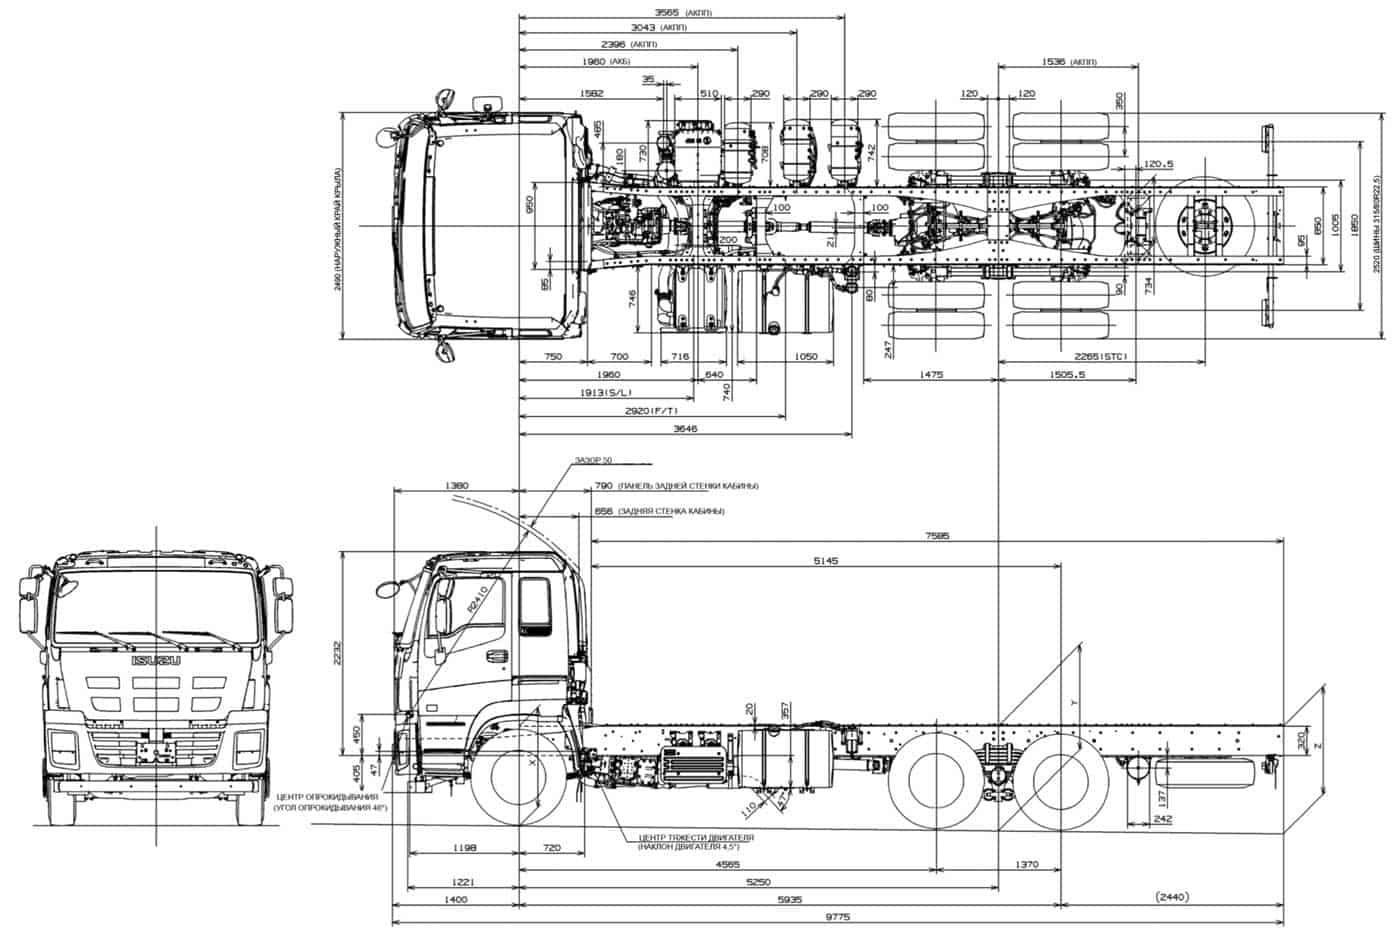 Isuzu Giga 6 4 Cyz52t